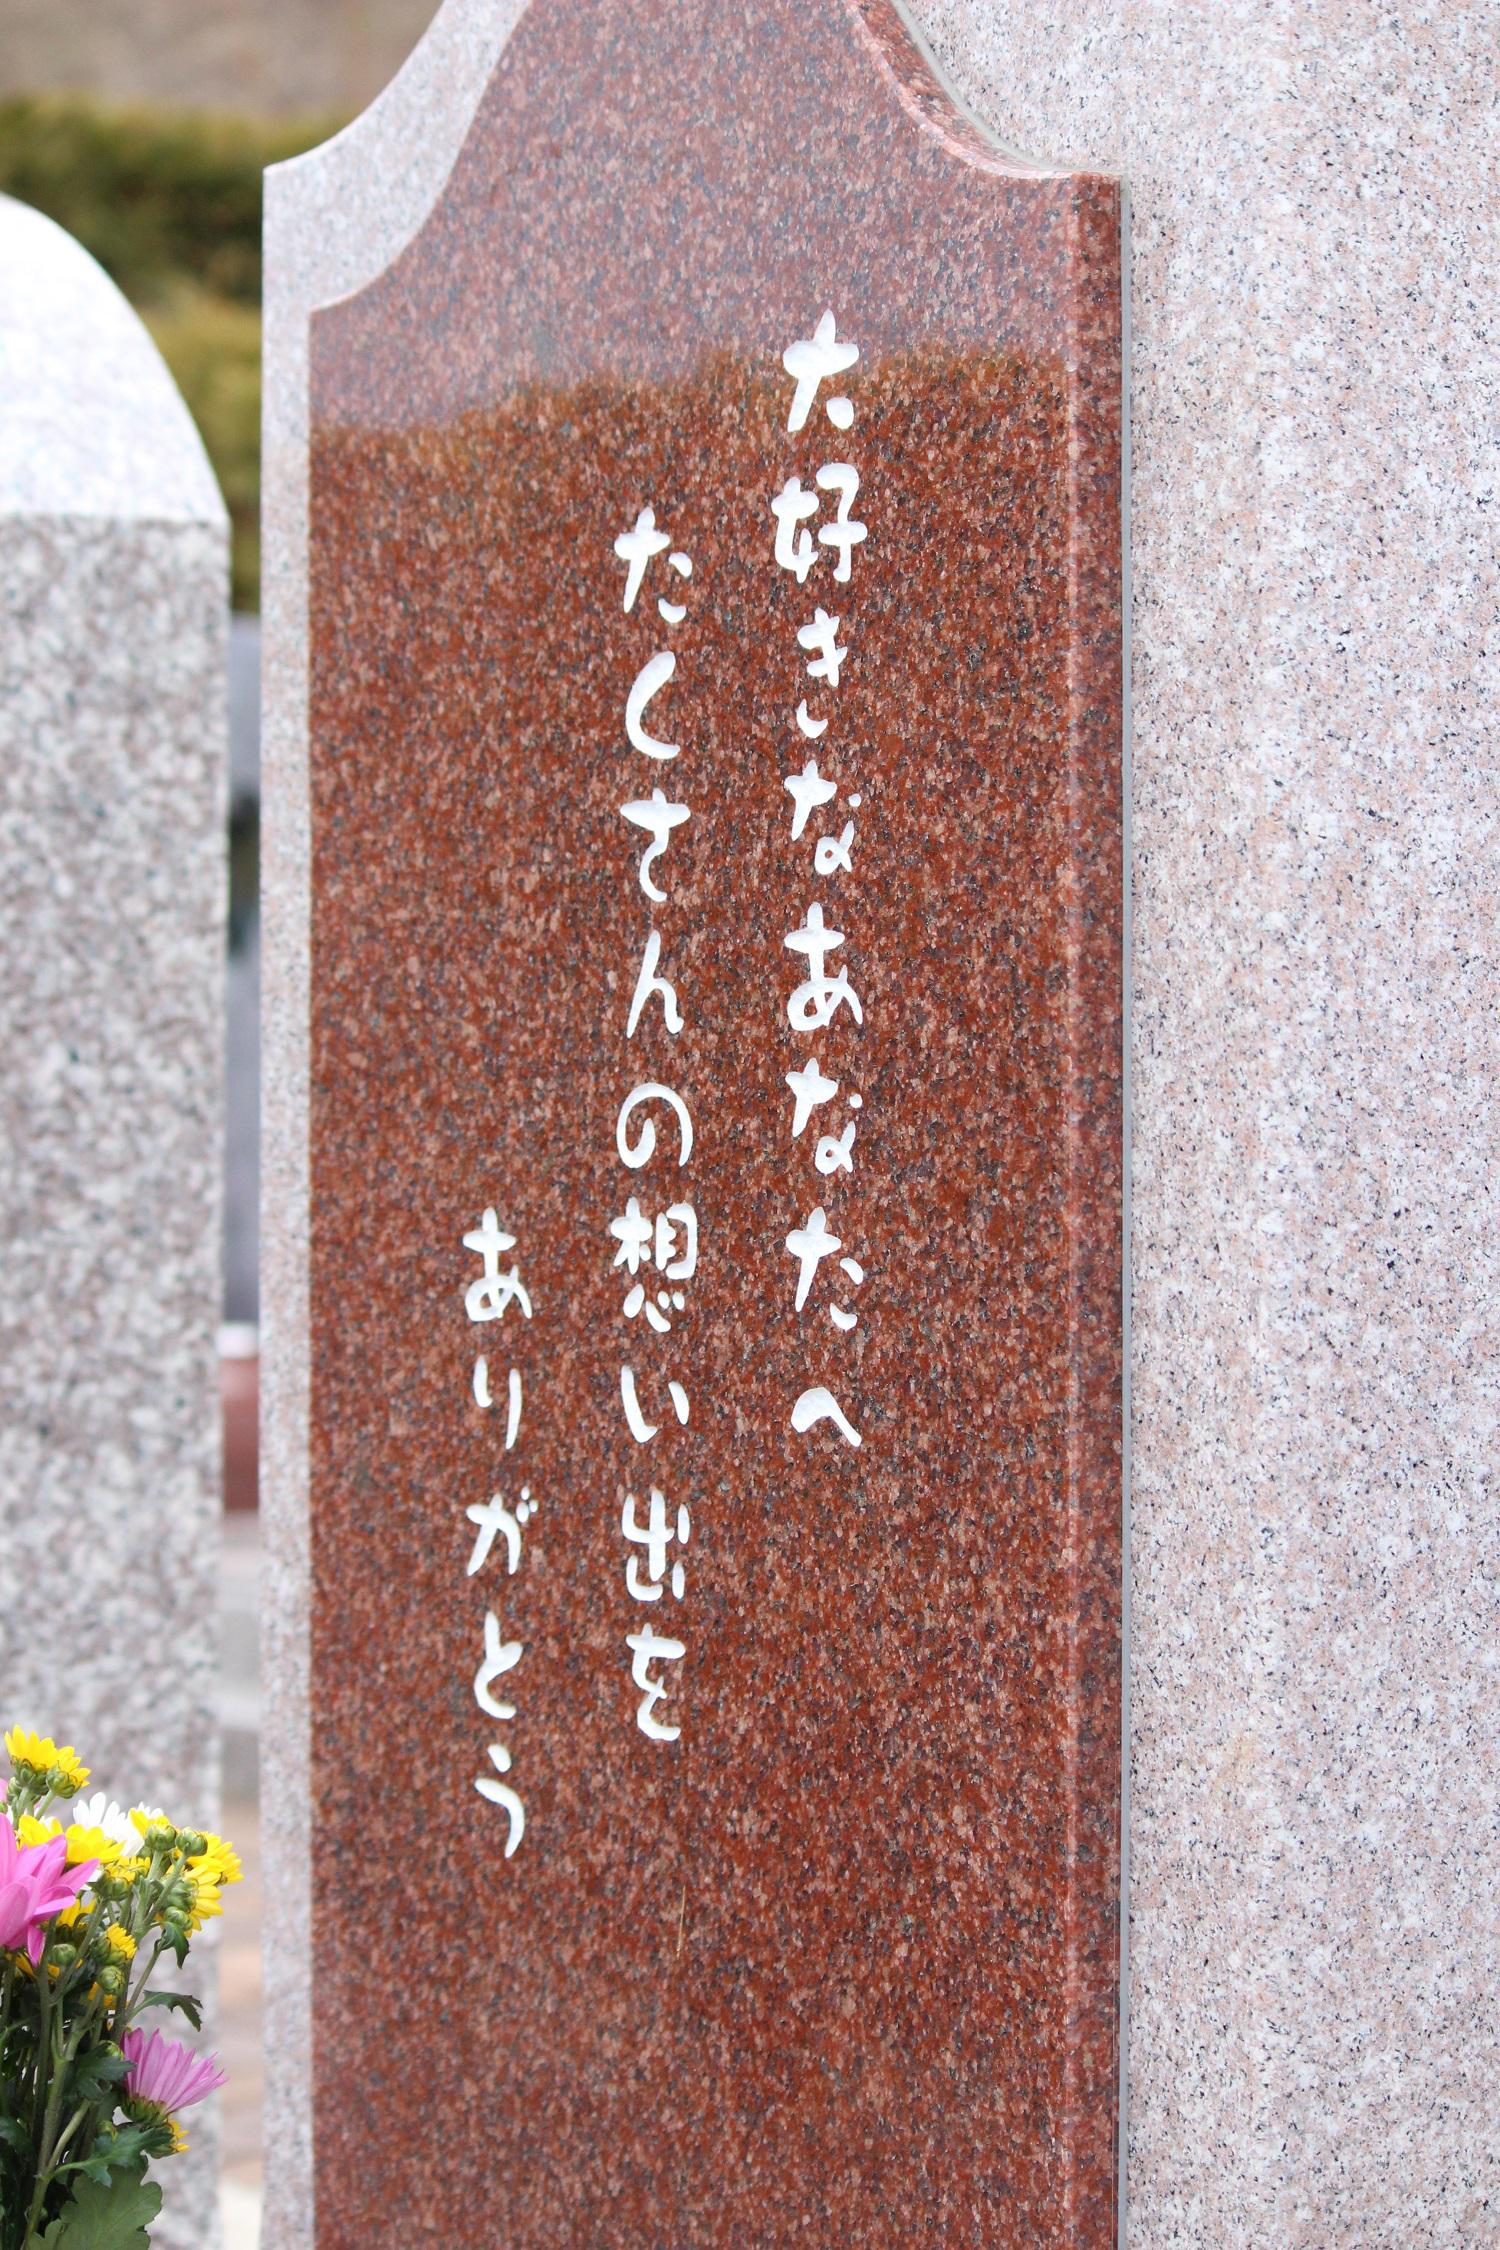 170306 (3).JPG